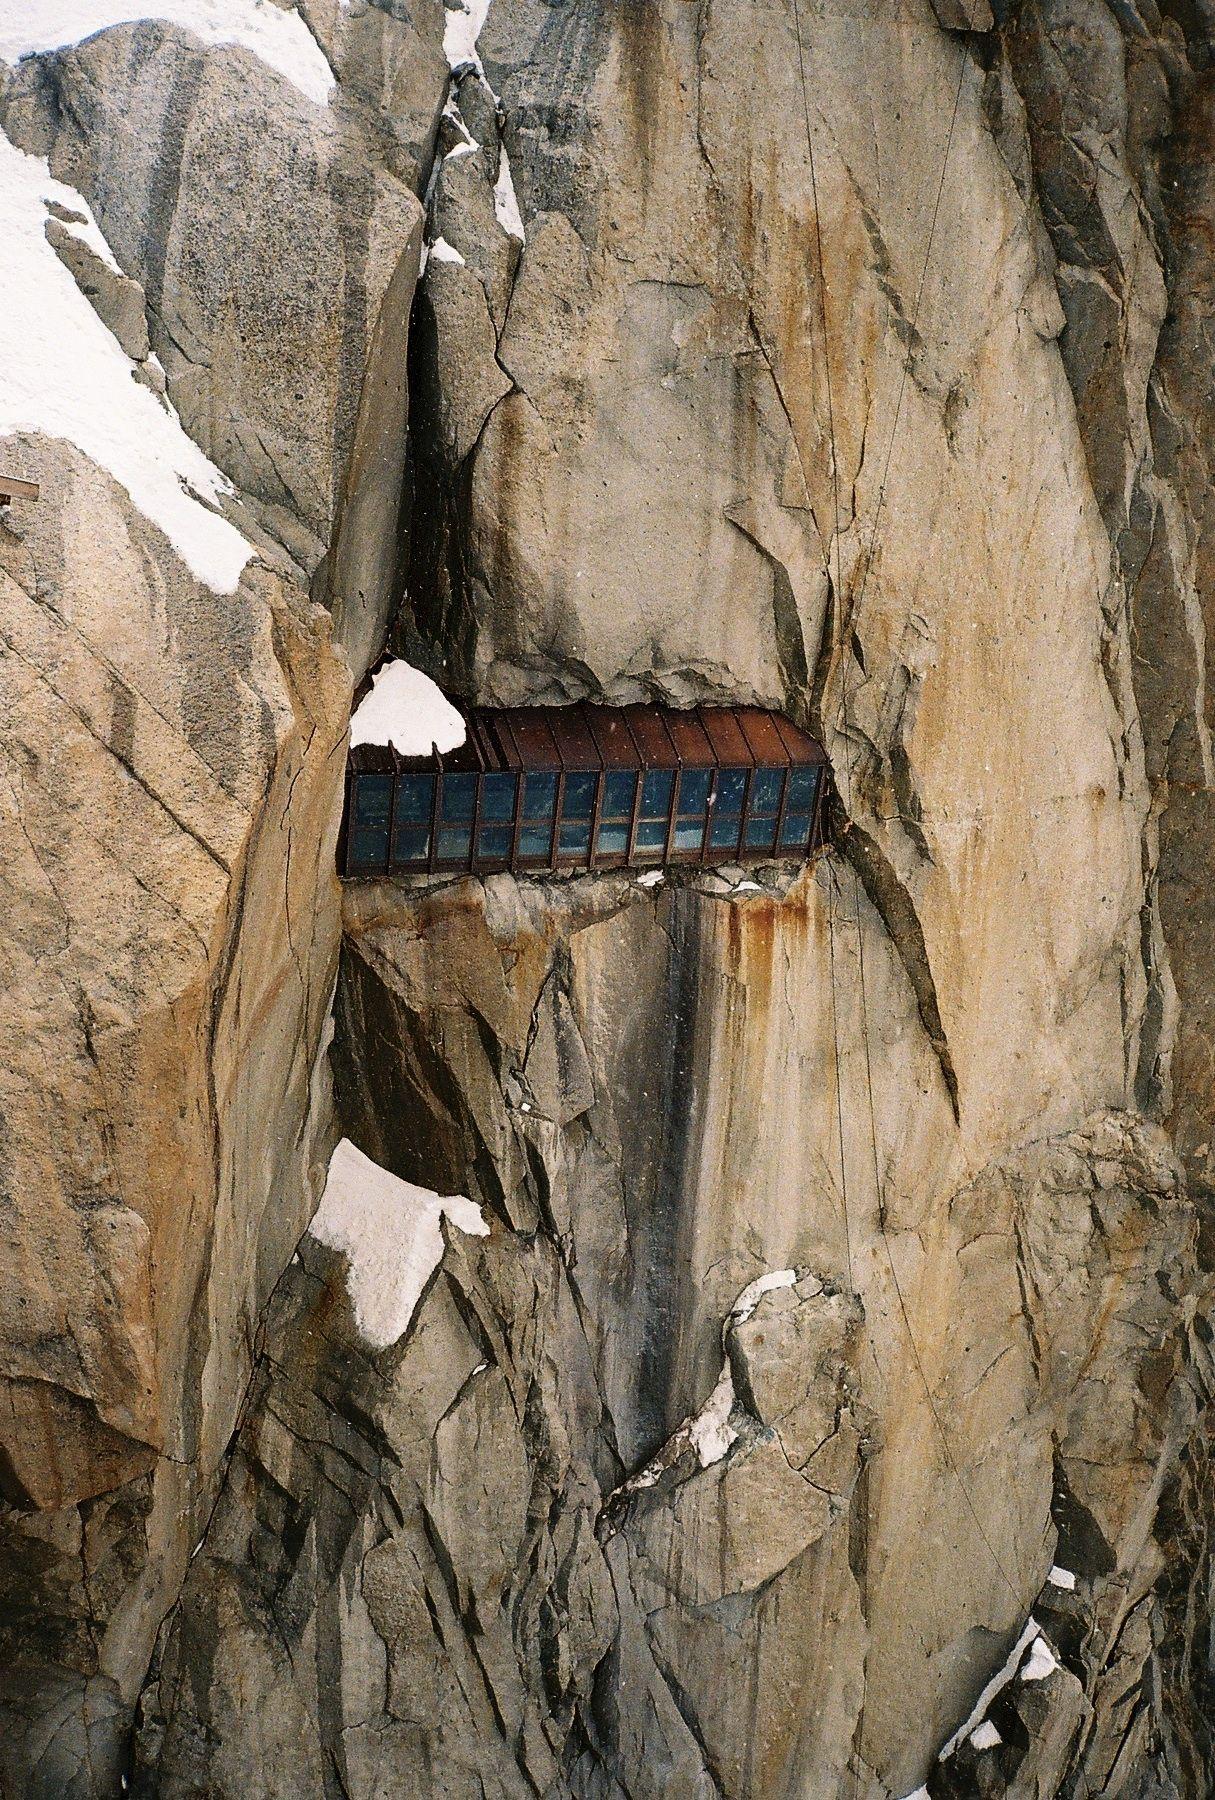 Aiguille du Midi viewing area (part of the Mont Blanc